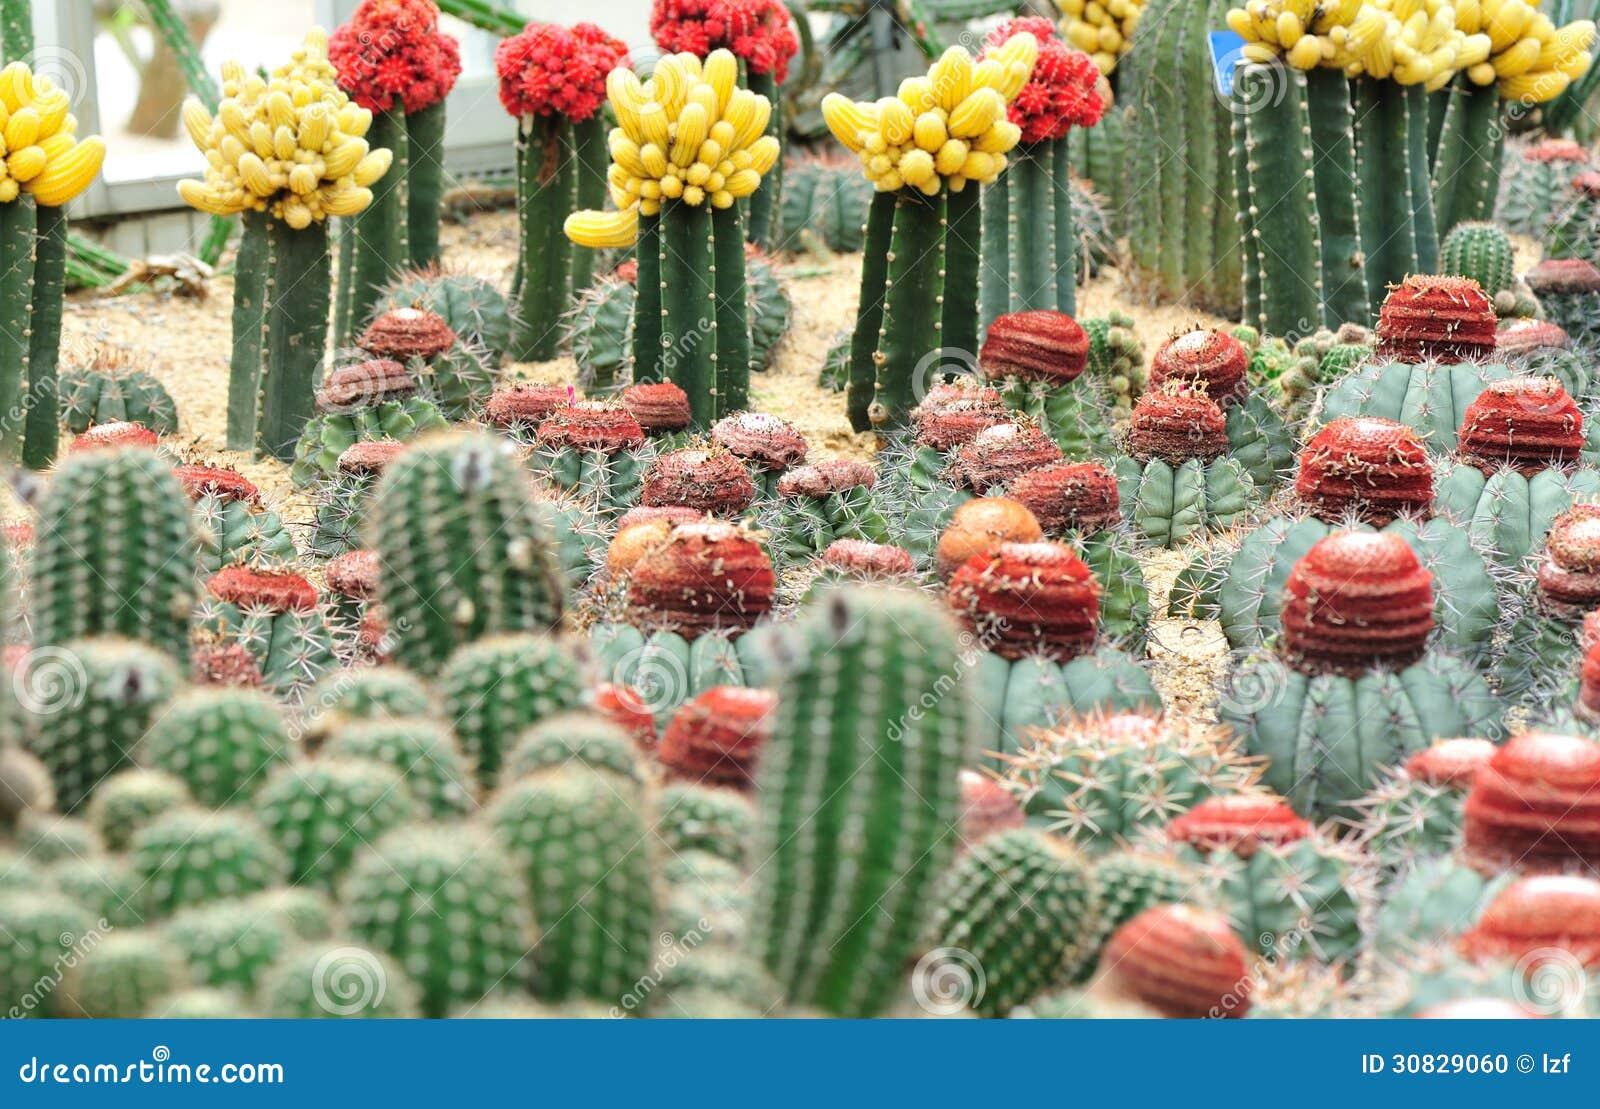 Giardino di fiori del cactus